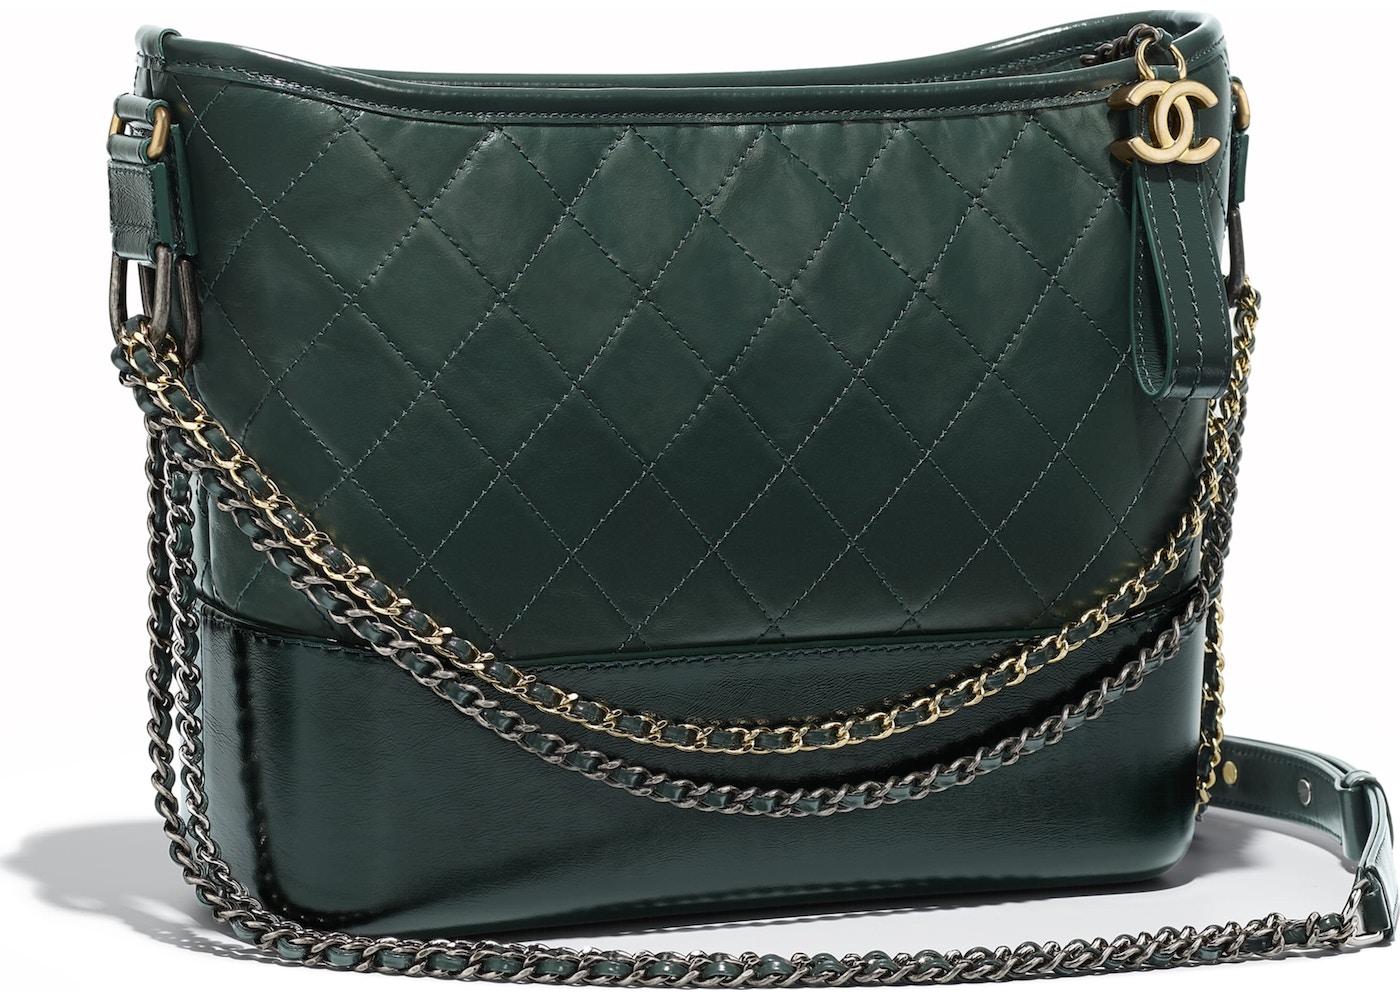 d608cc08657faa Chanel Gabrielle Hobo Bag Green. Green